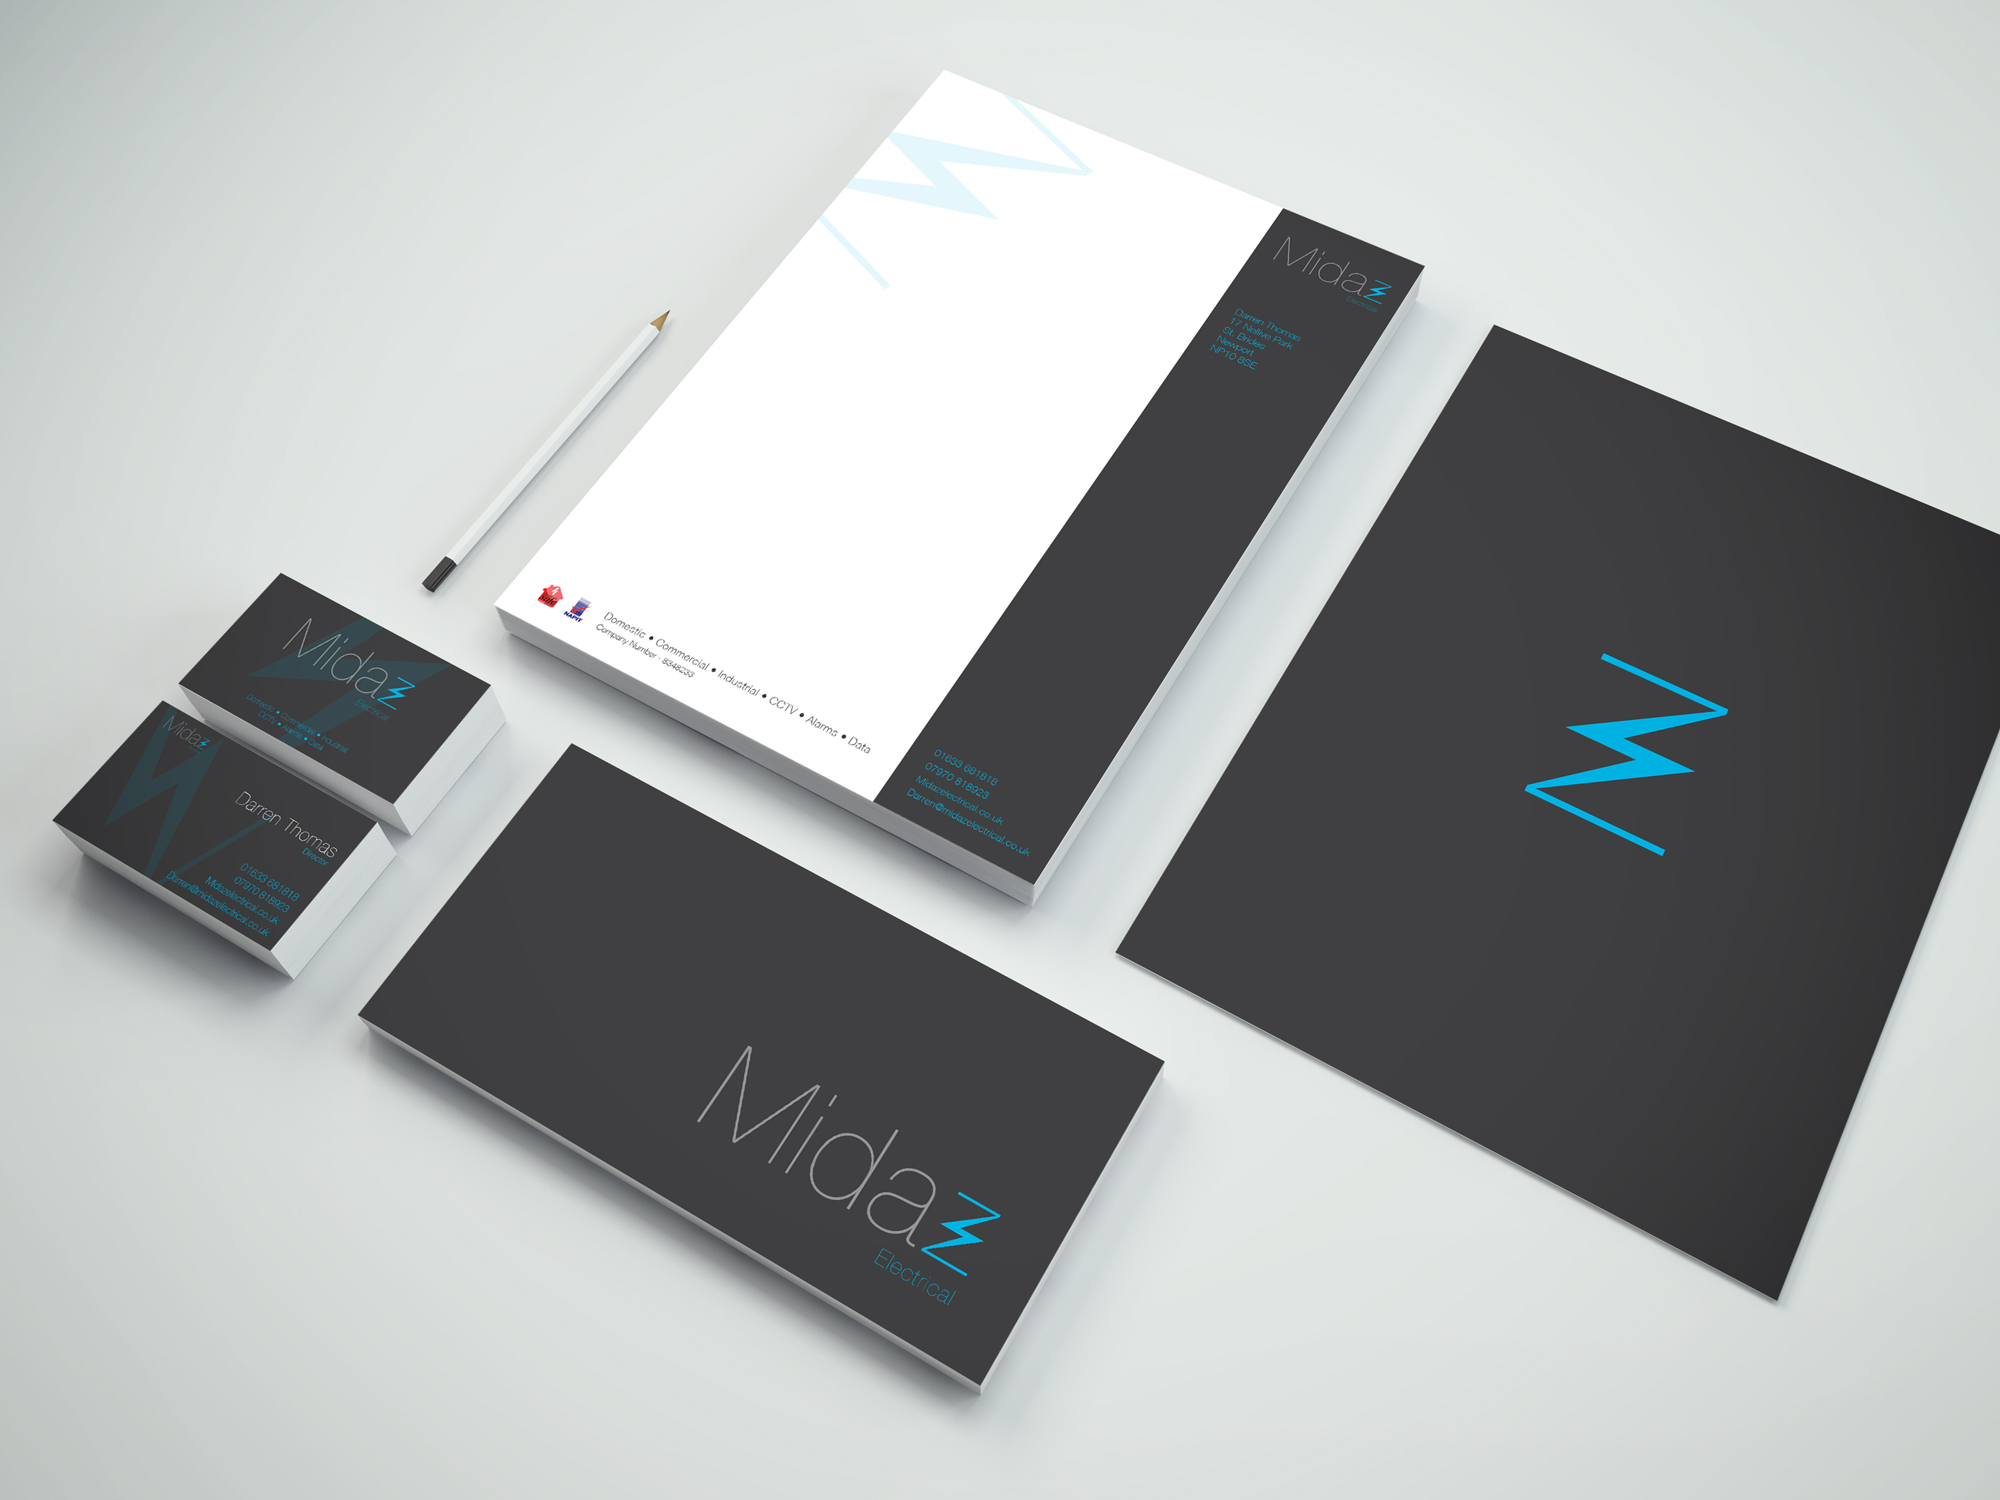 The Cardiff Graphic Designer